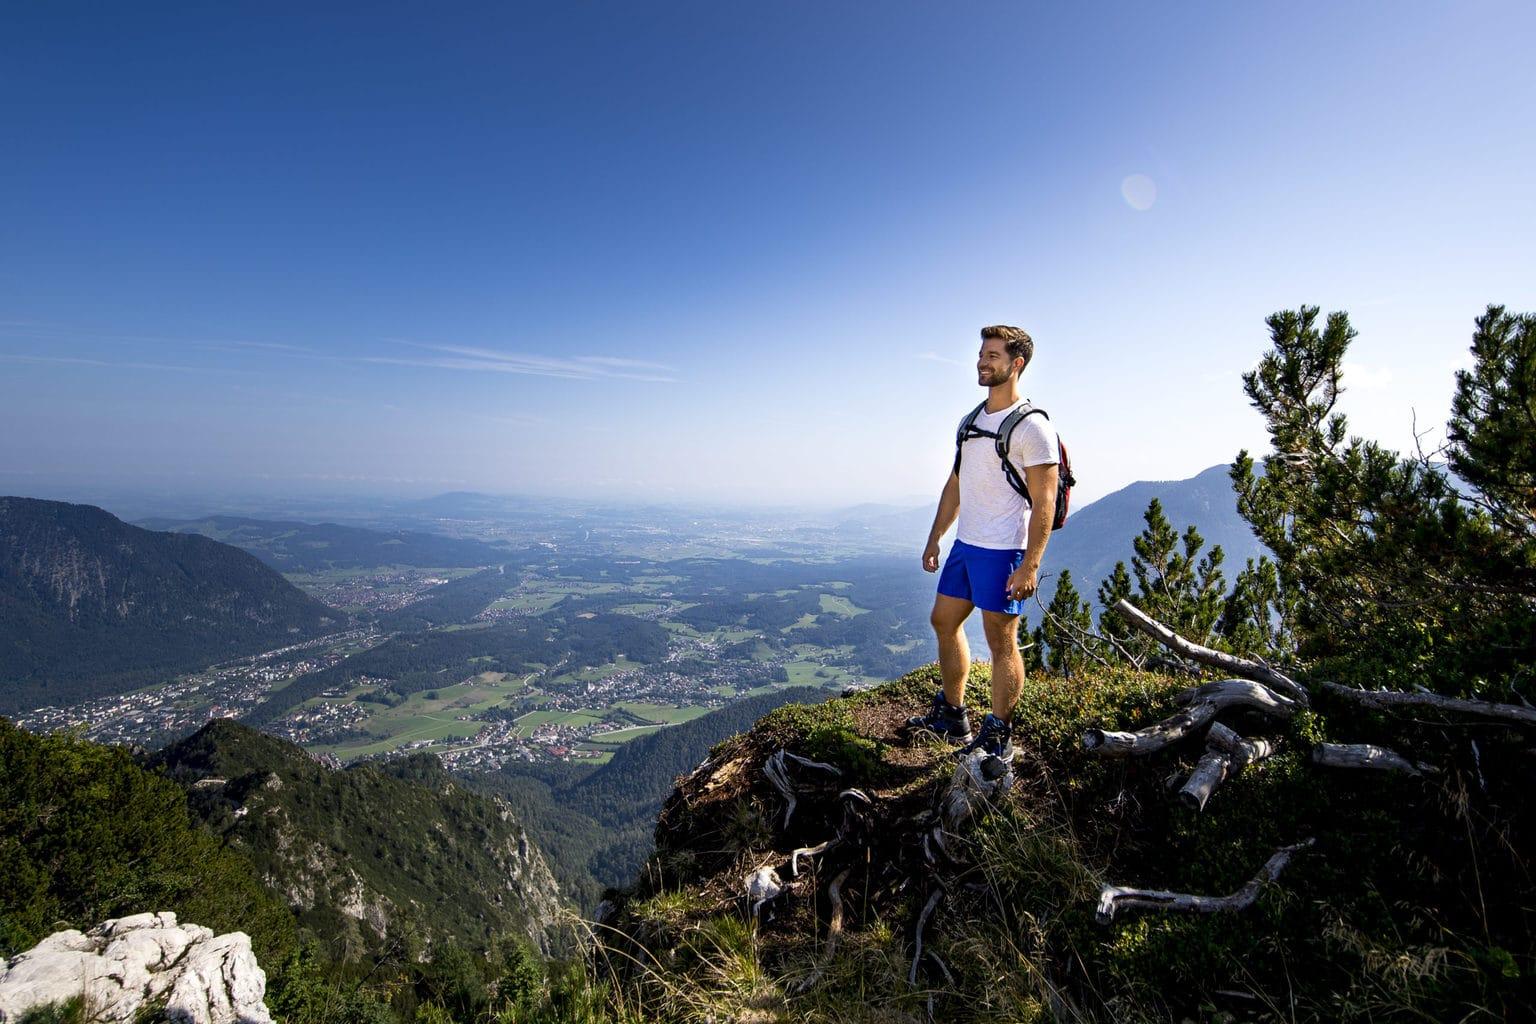 Een man lacht over beide bekken na de beklimming van een berg in het Berchtesgadener Land